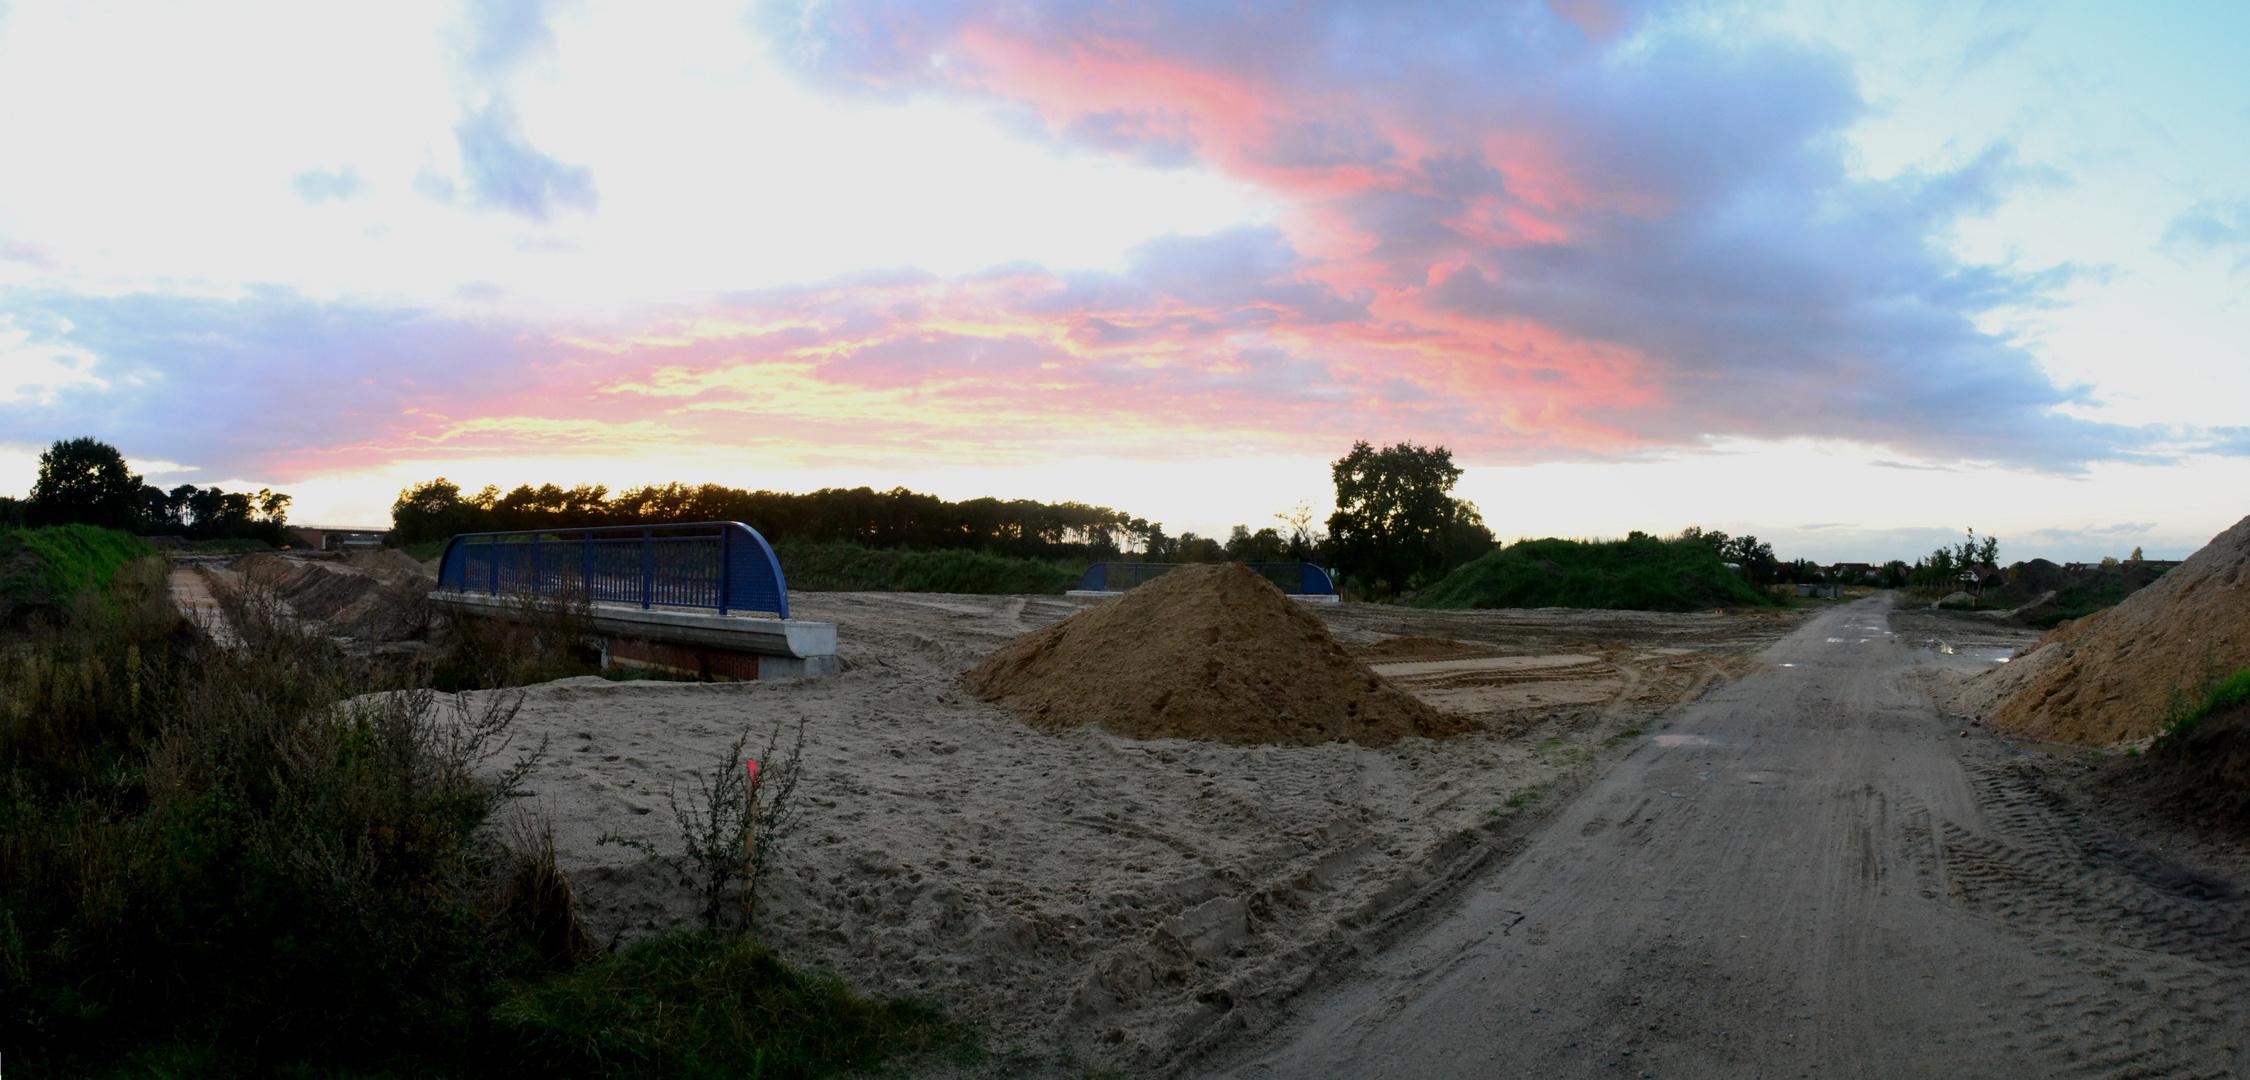 Herbst Sonnenuntergang an der neuen B3 In Celle